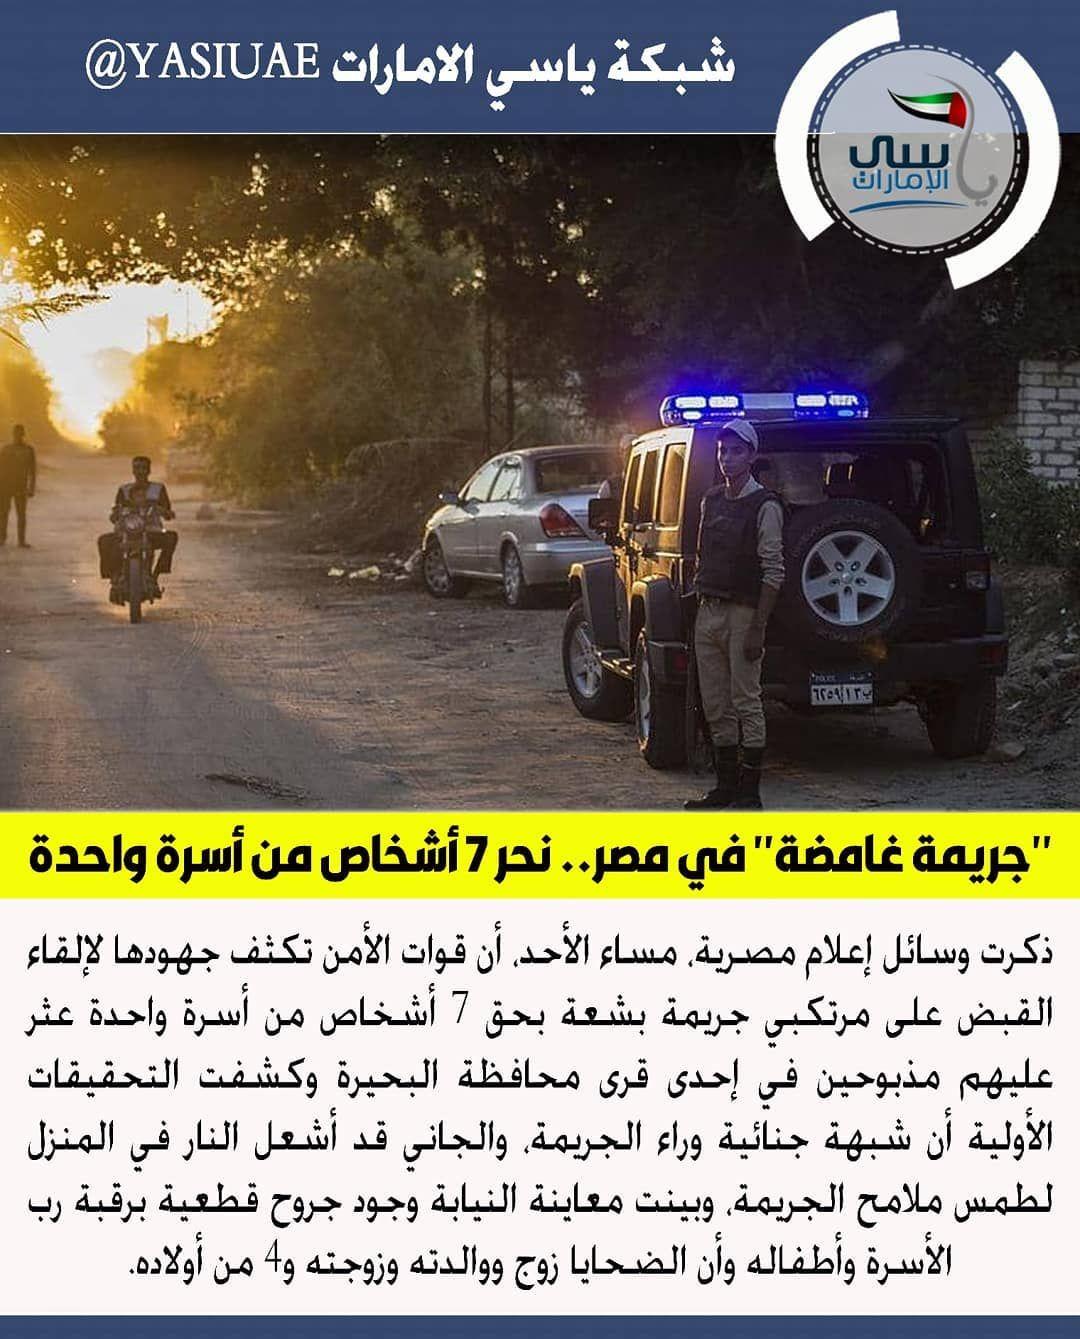 مصر جريمة غامضة في مصر نحر 7 أشخاص من أسرة واحدة ياسي الامارات شبكة ياسي الامارات Slg Pana